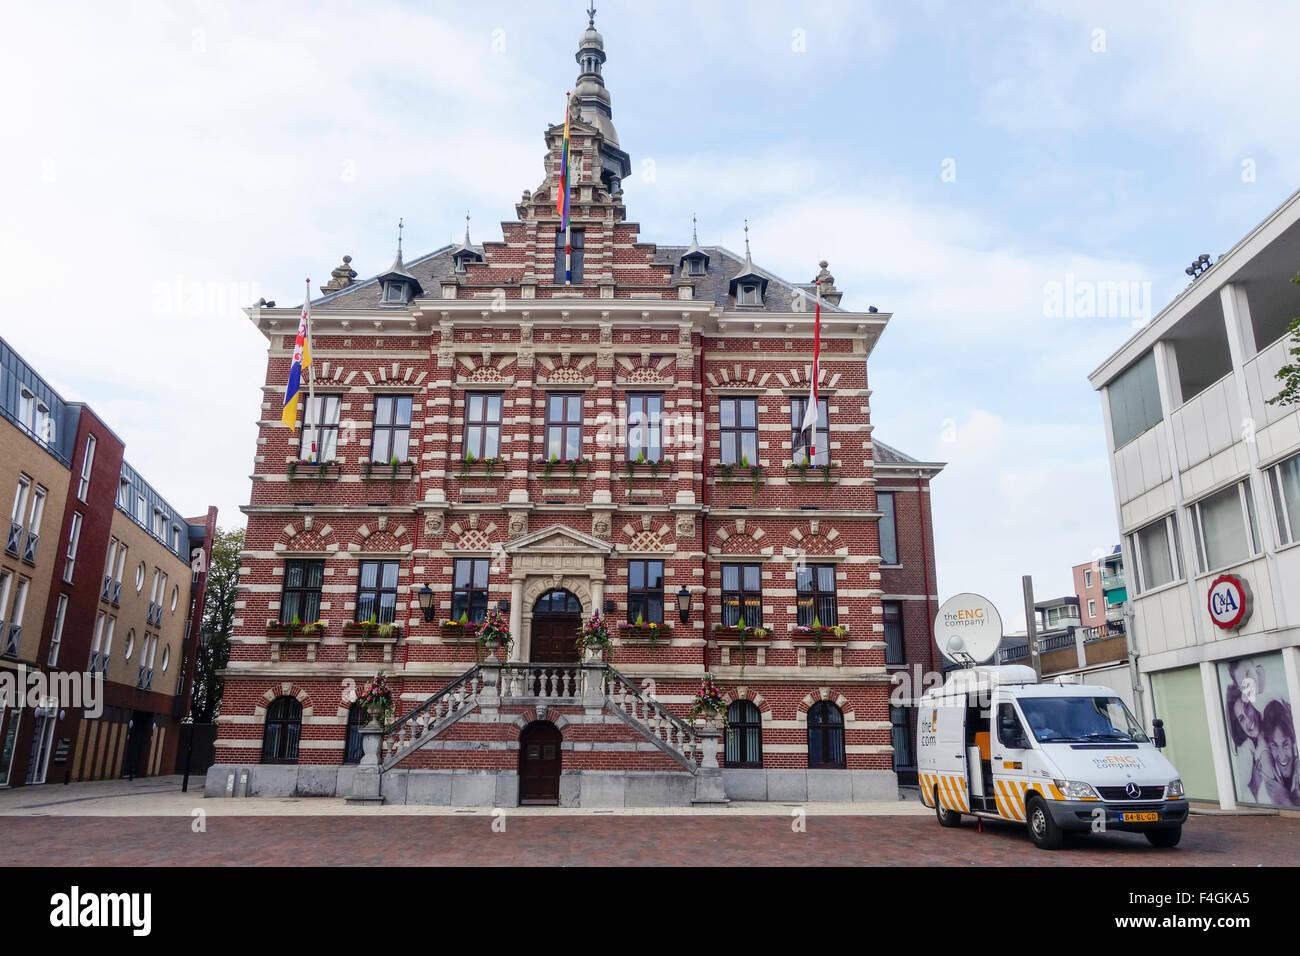 Kerkrade Niederlande rathaus kerkrade limburg niederlande stockfoto bild 88876877